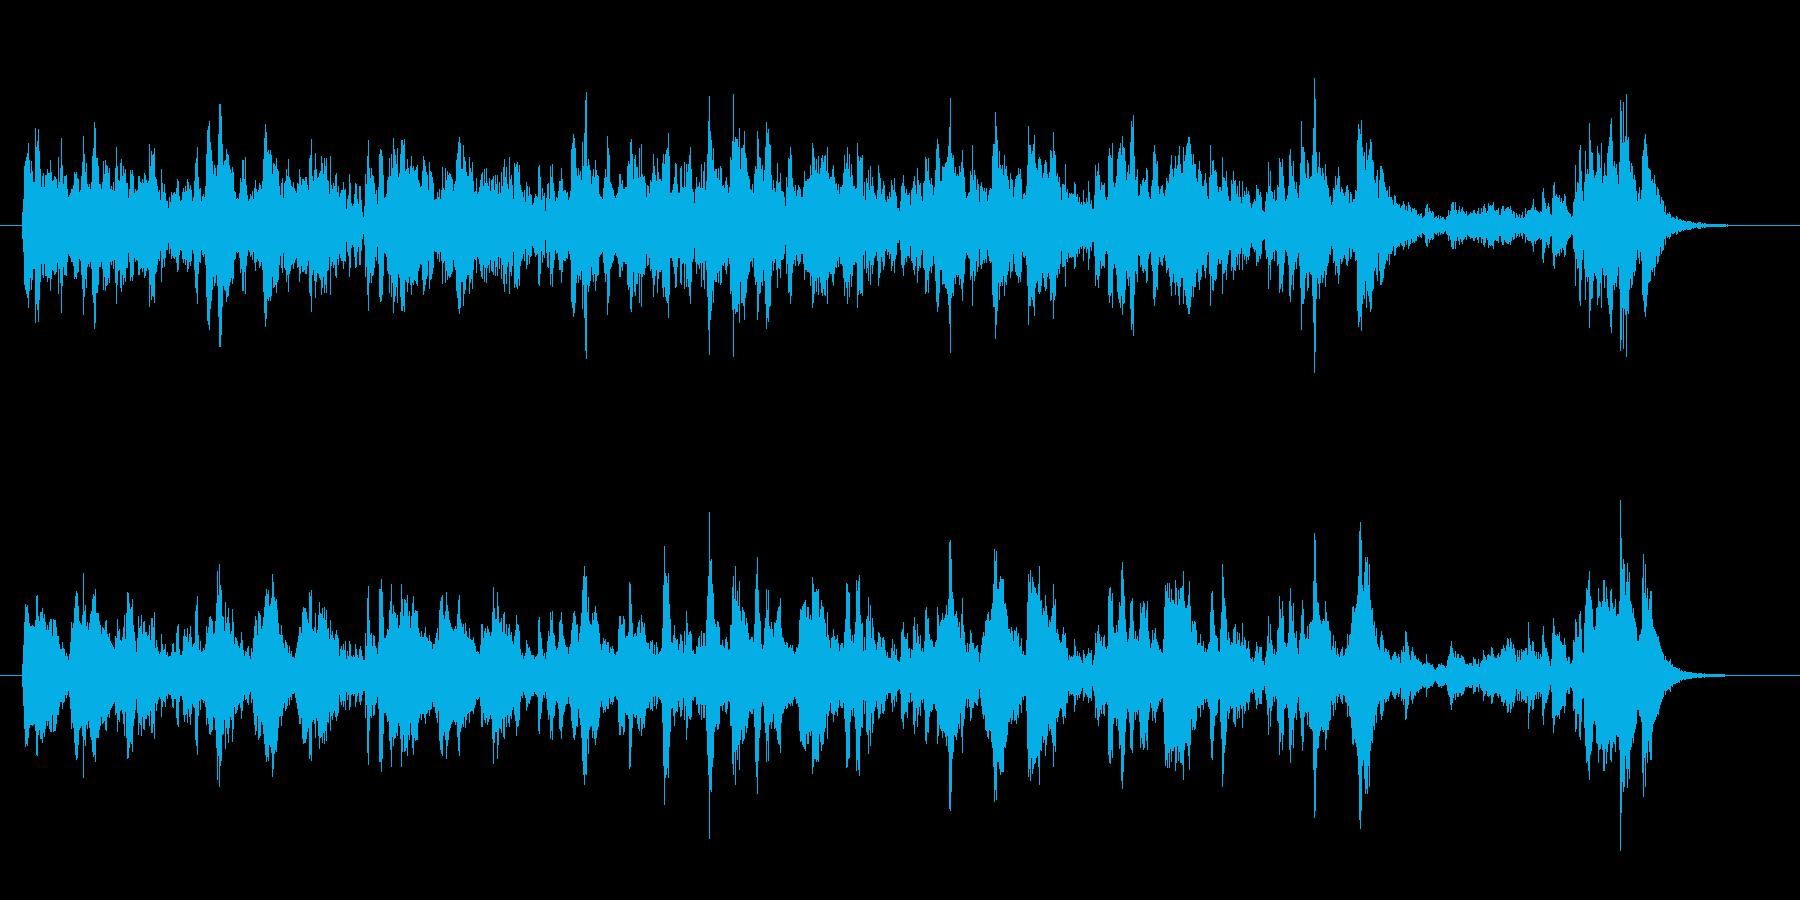 ストリングスを使った軽快な曲の再生済みの波形